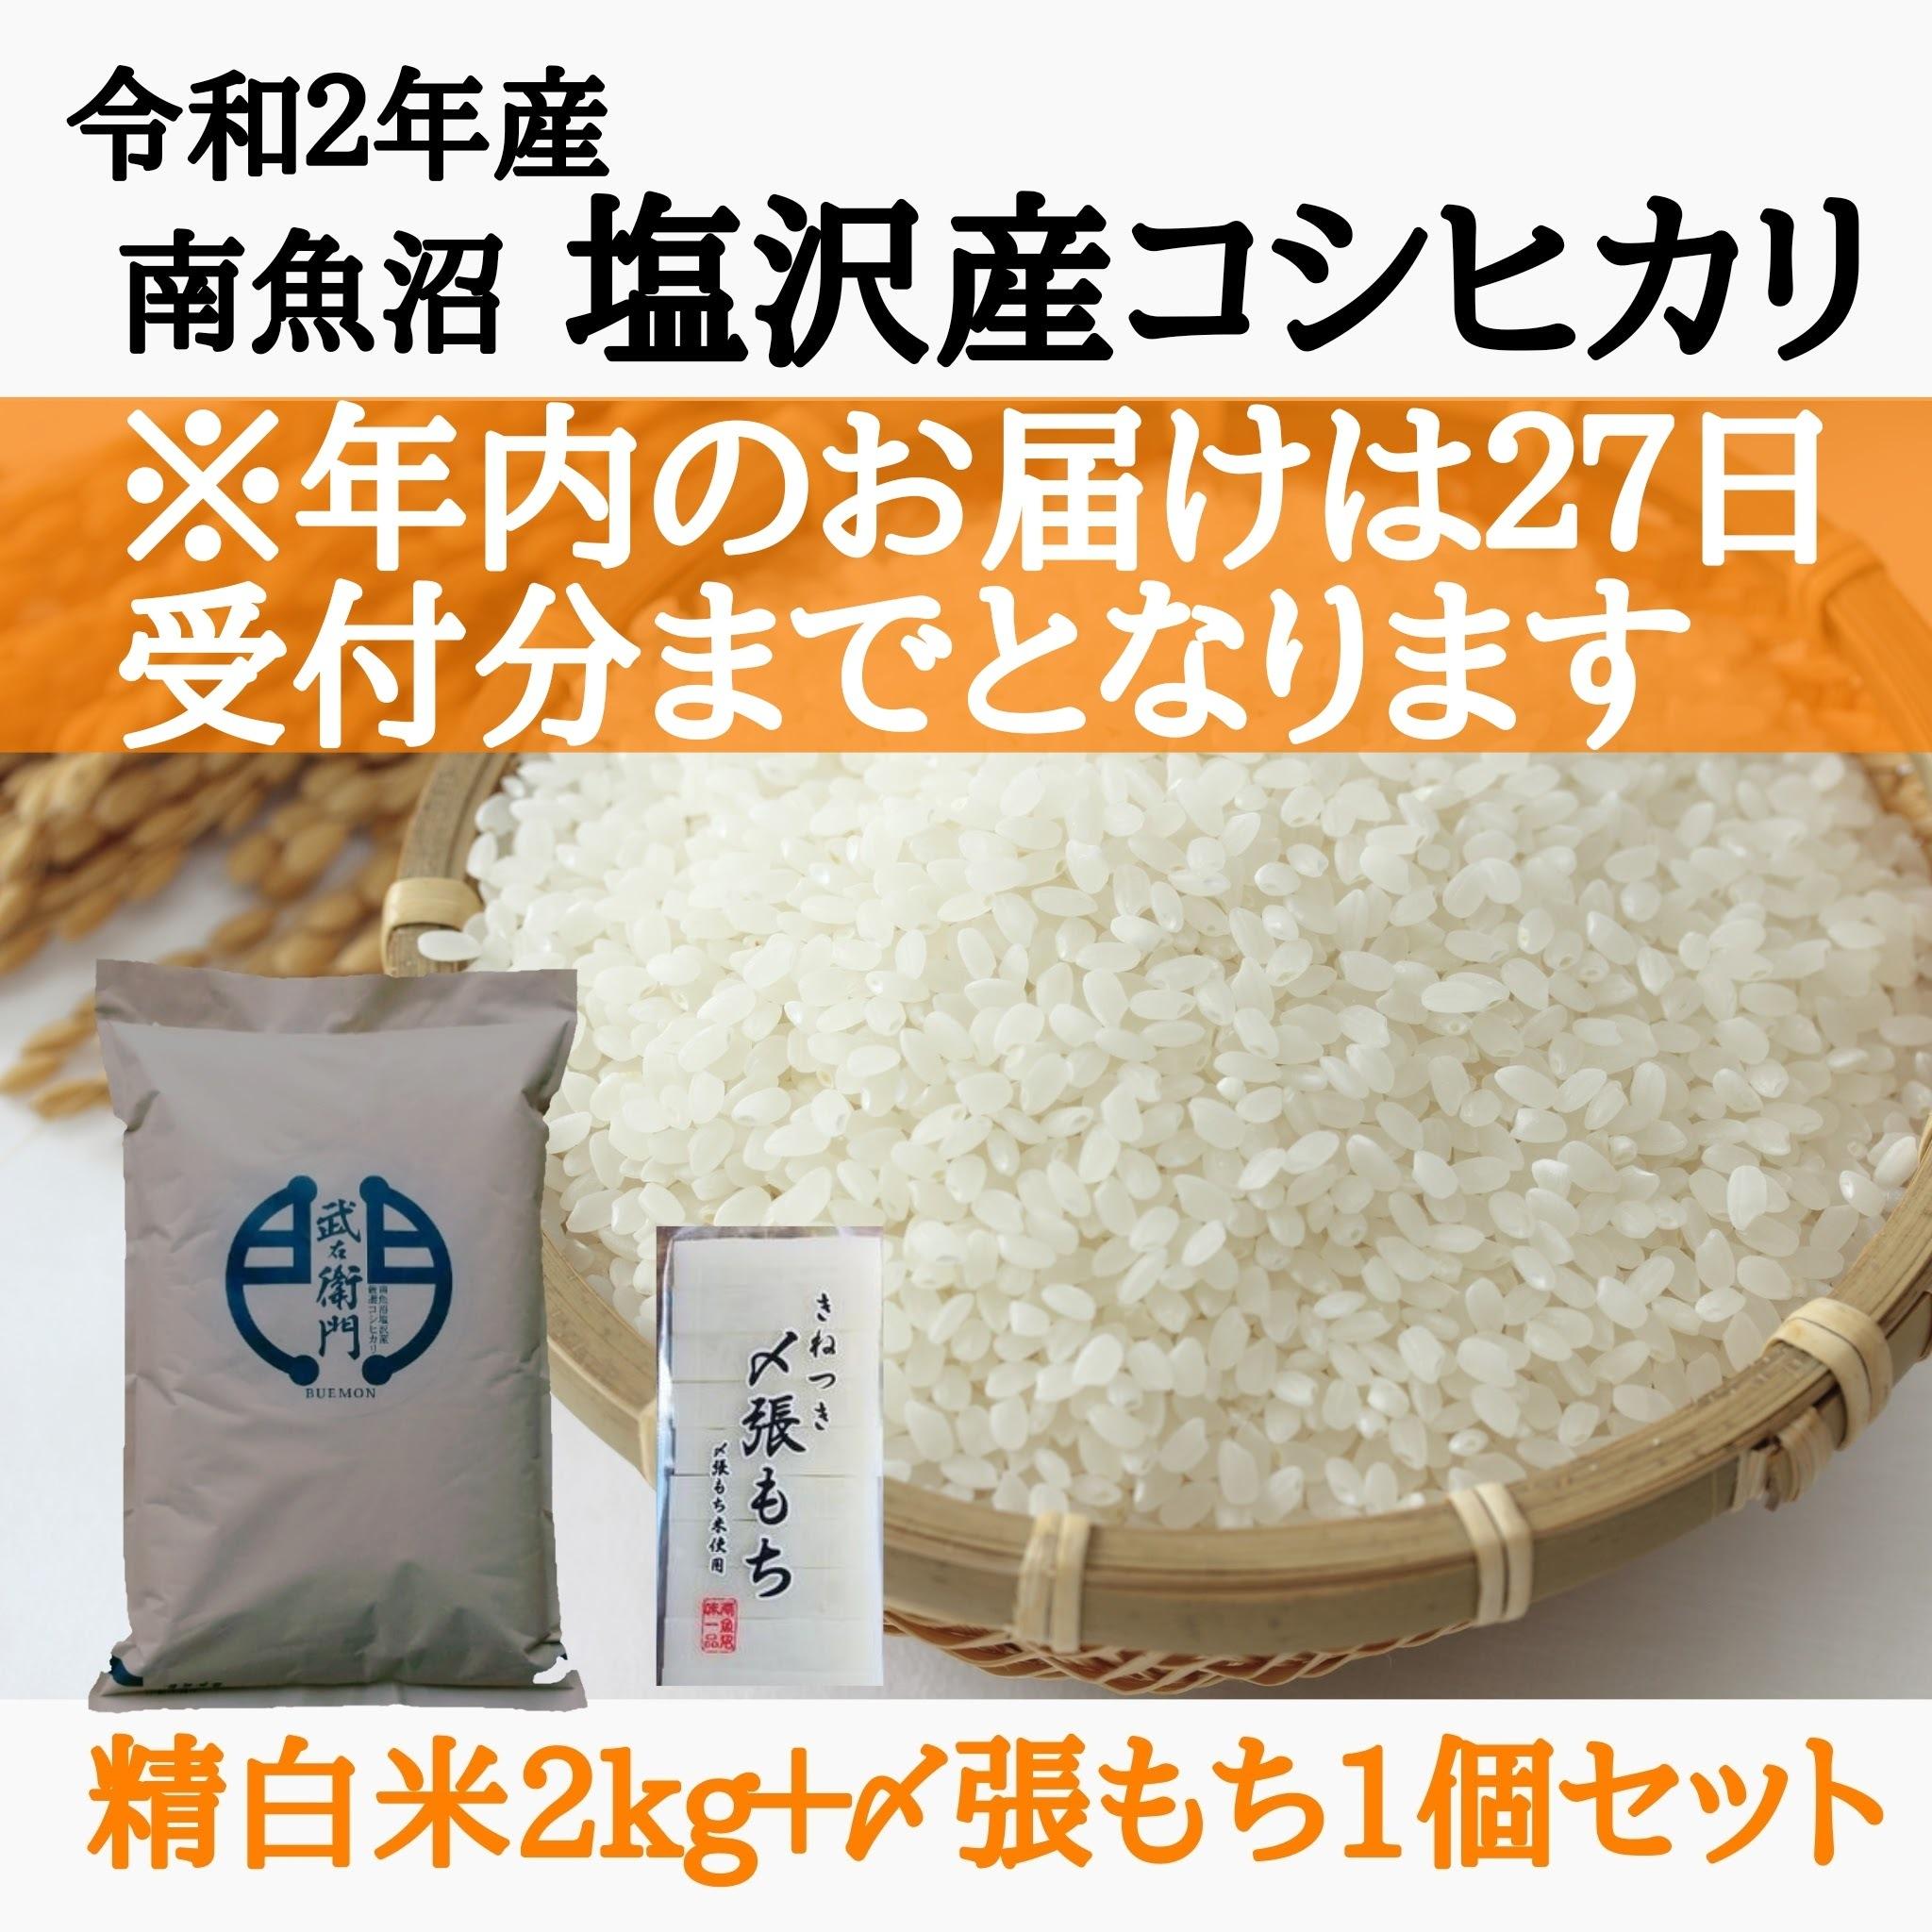 処分 古米